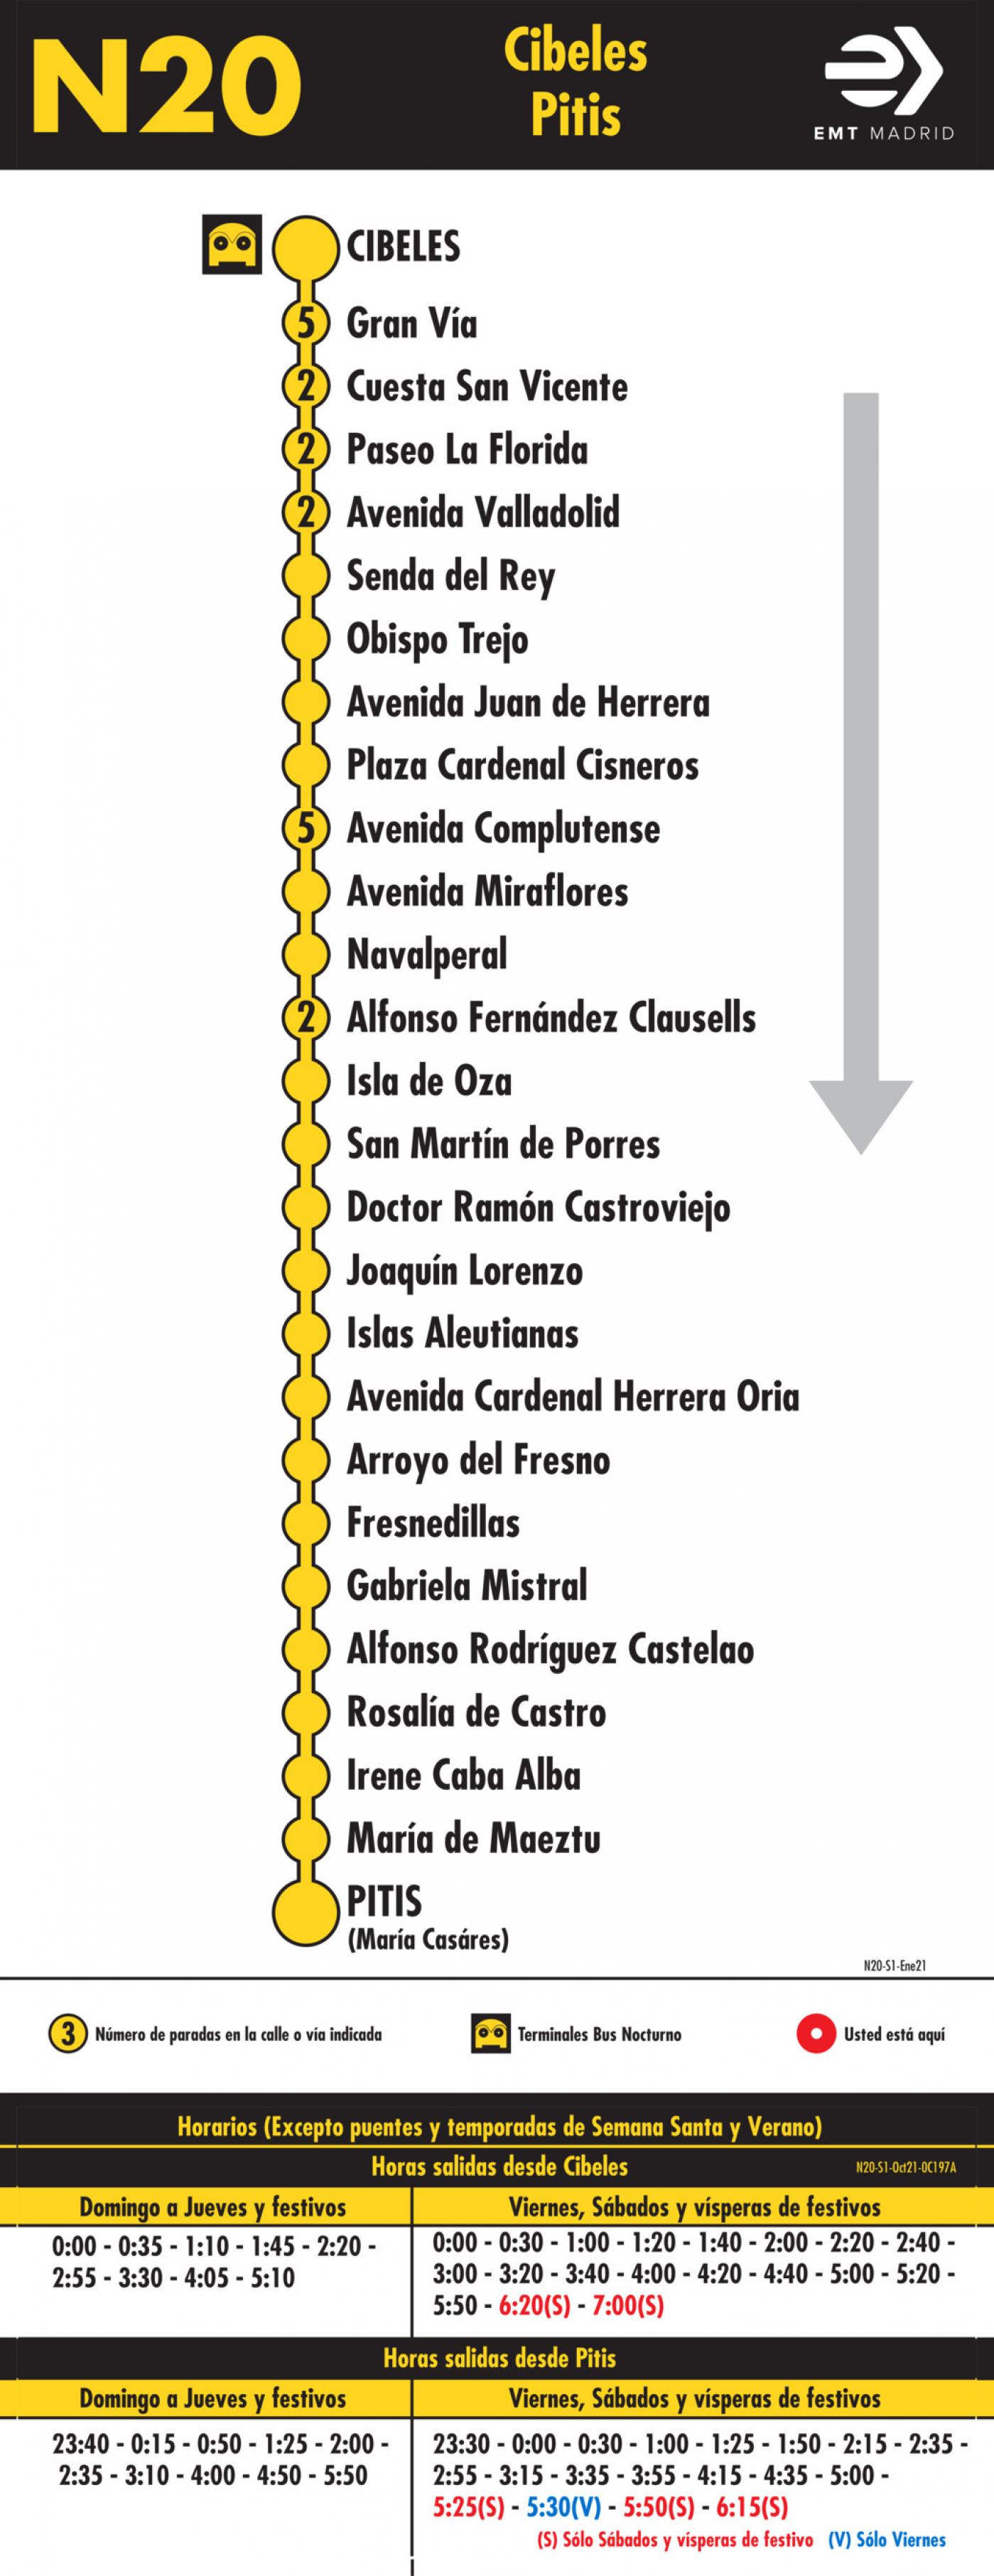 Tabla de horarios y frecuencias de paso en sentido ida Línea N20: Plaza de Cibeles - Barrio de Peñagrande (búho)